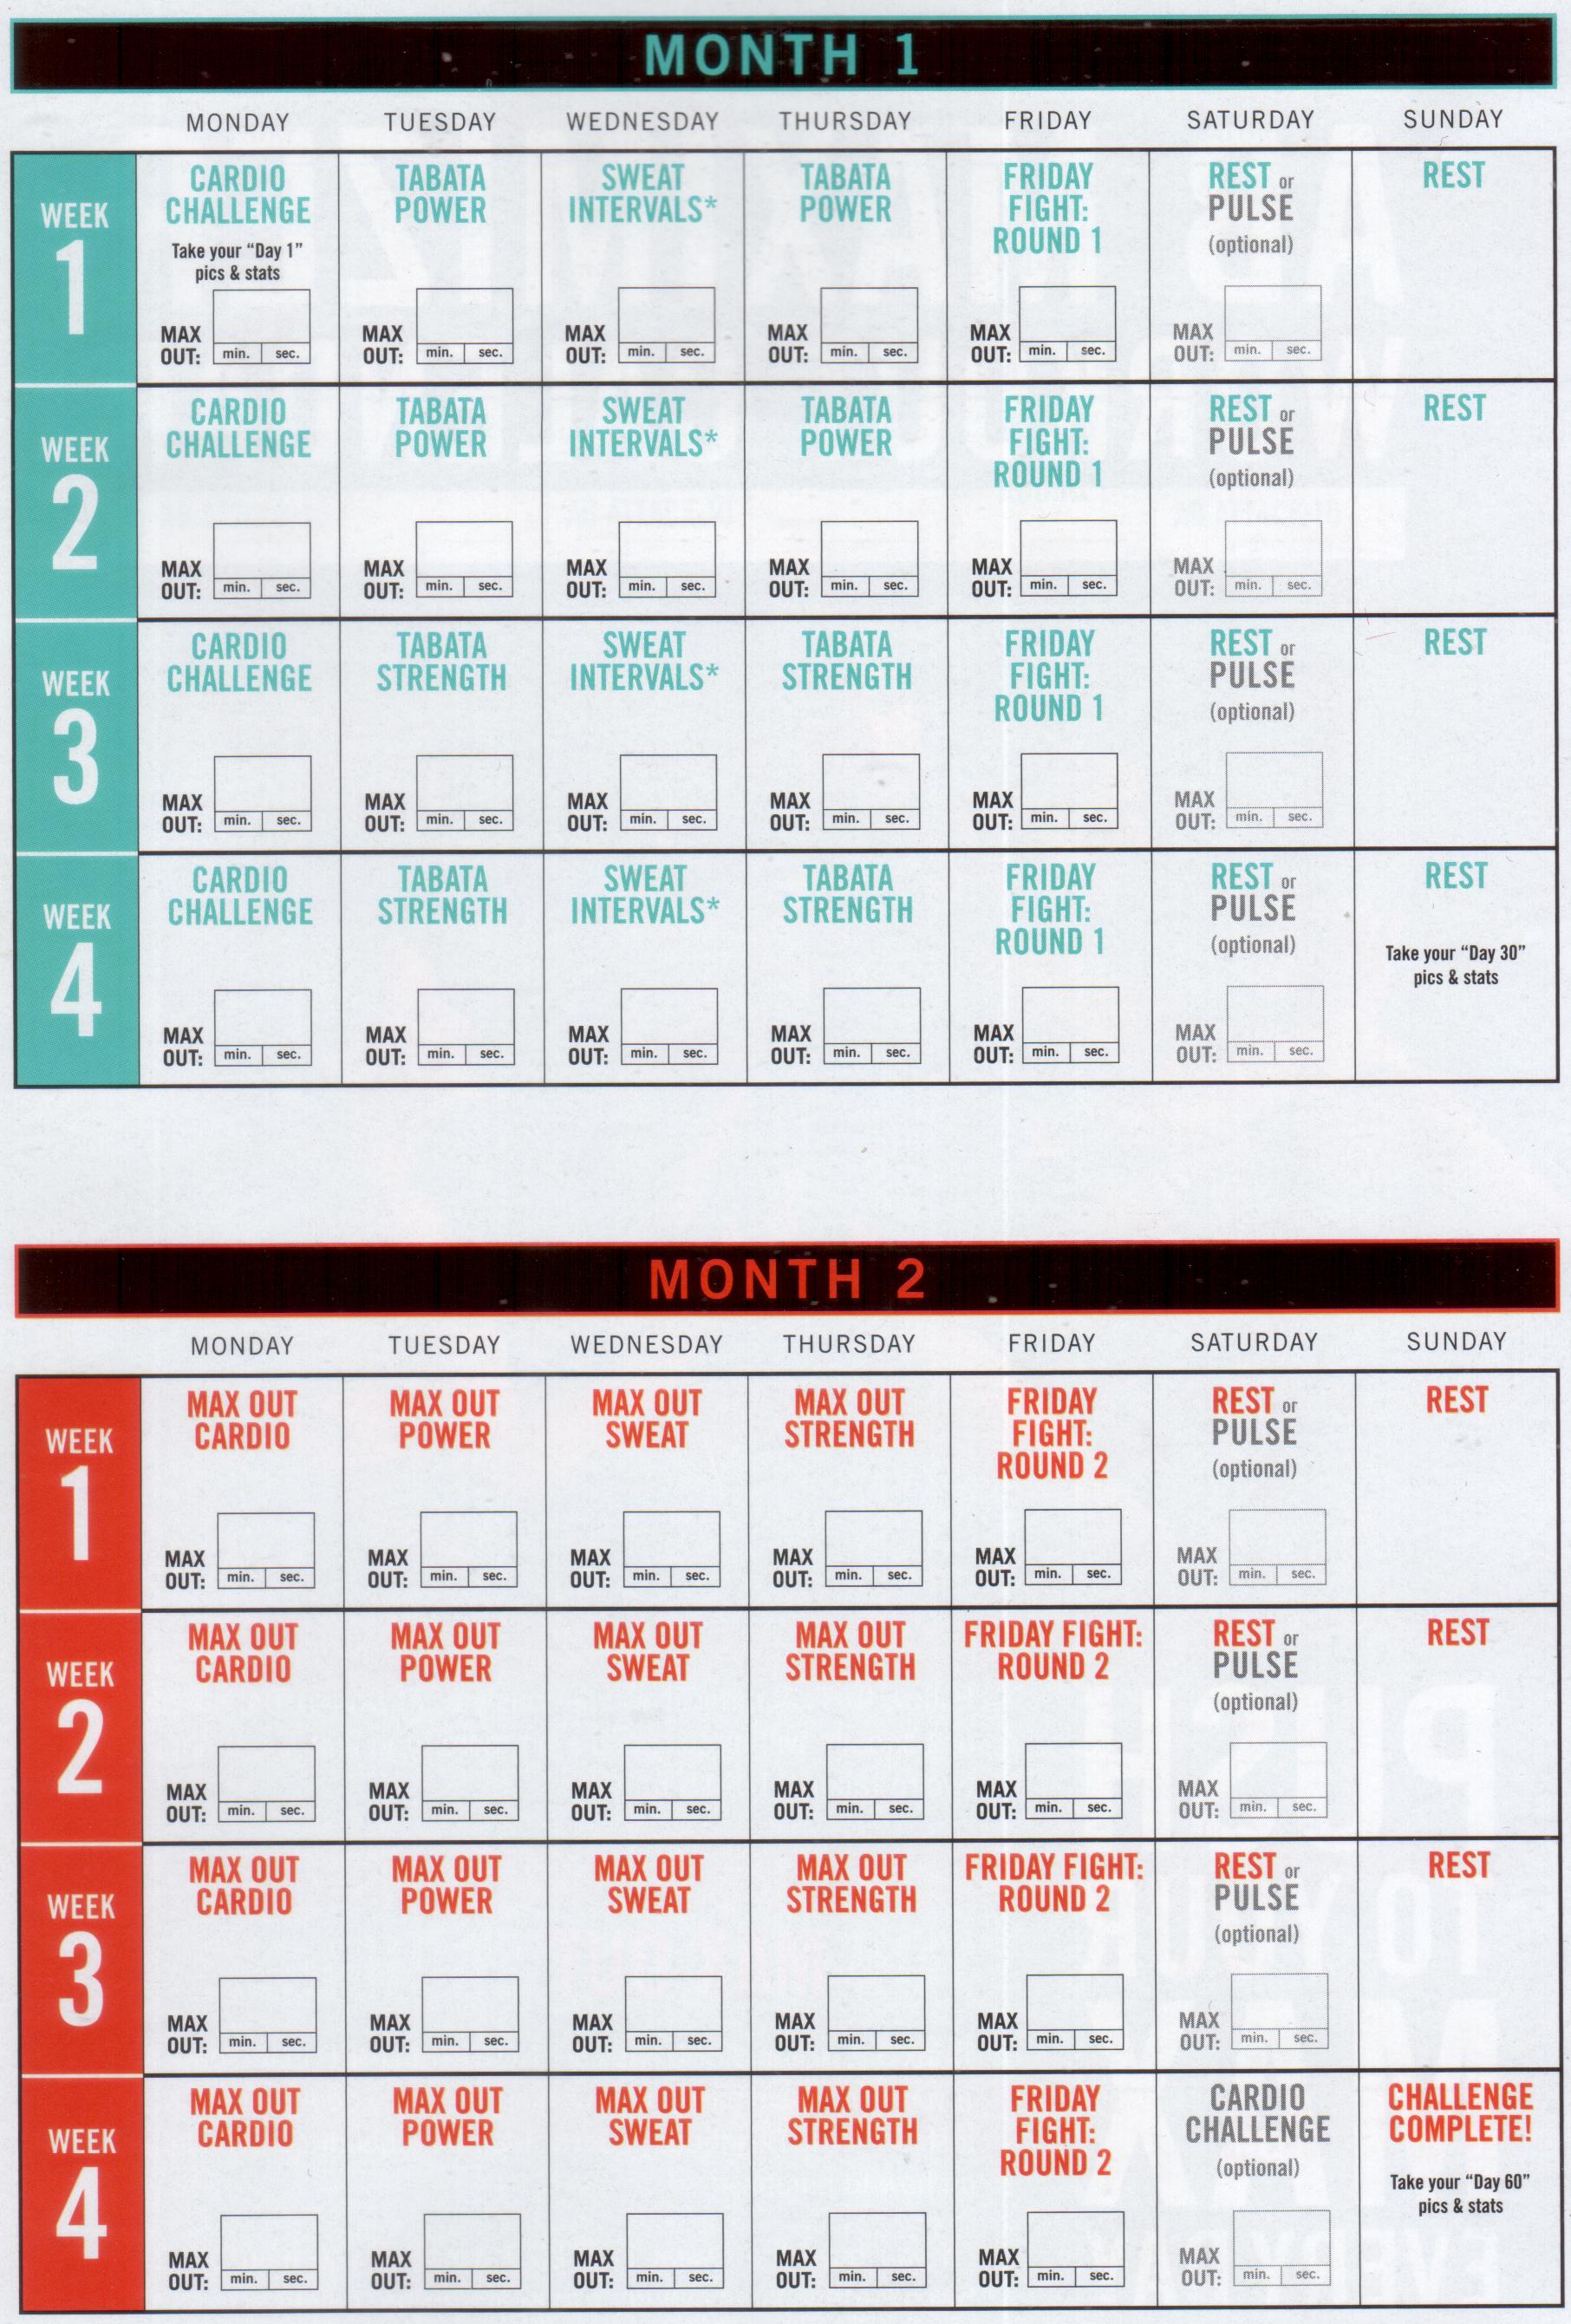 Schedule | Insanity Max 30, Insanity Max 30 Schedule intended for Max 30 Calendar Pdf